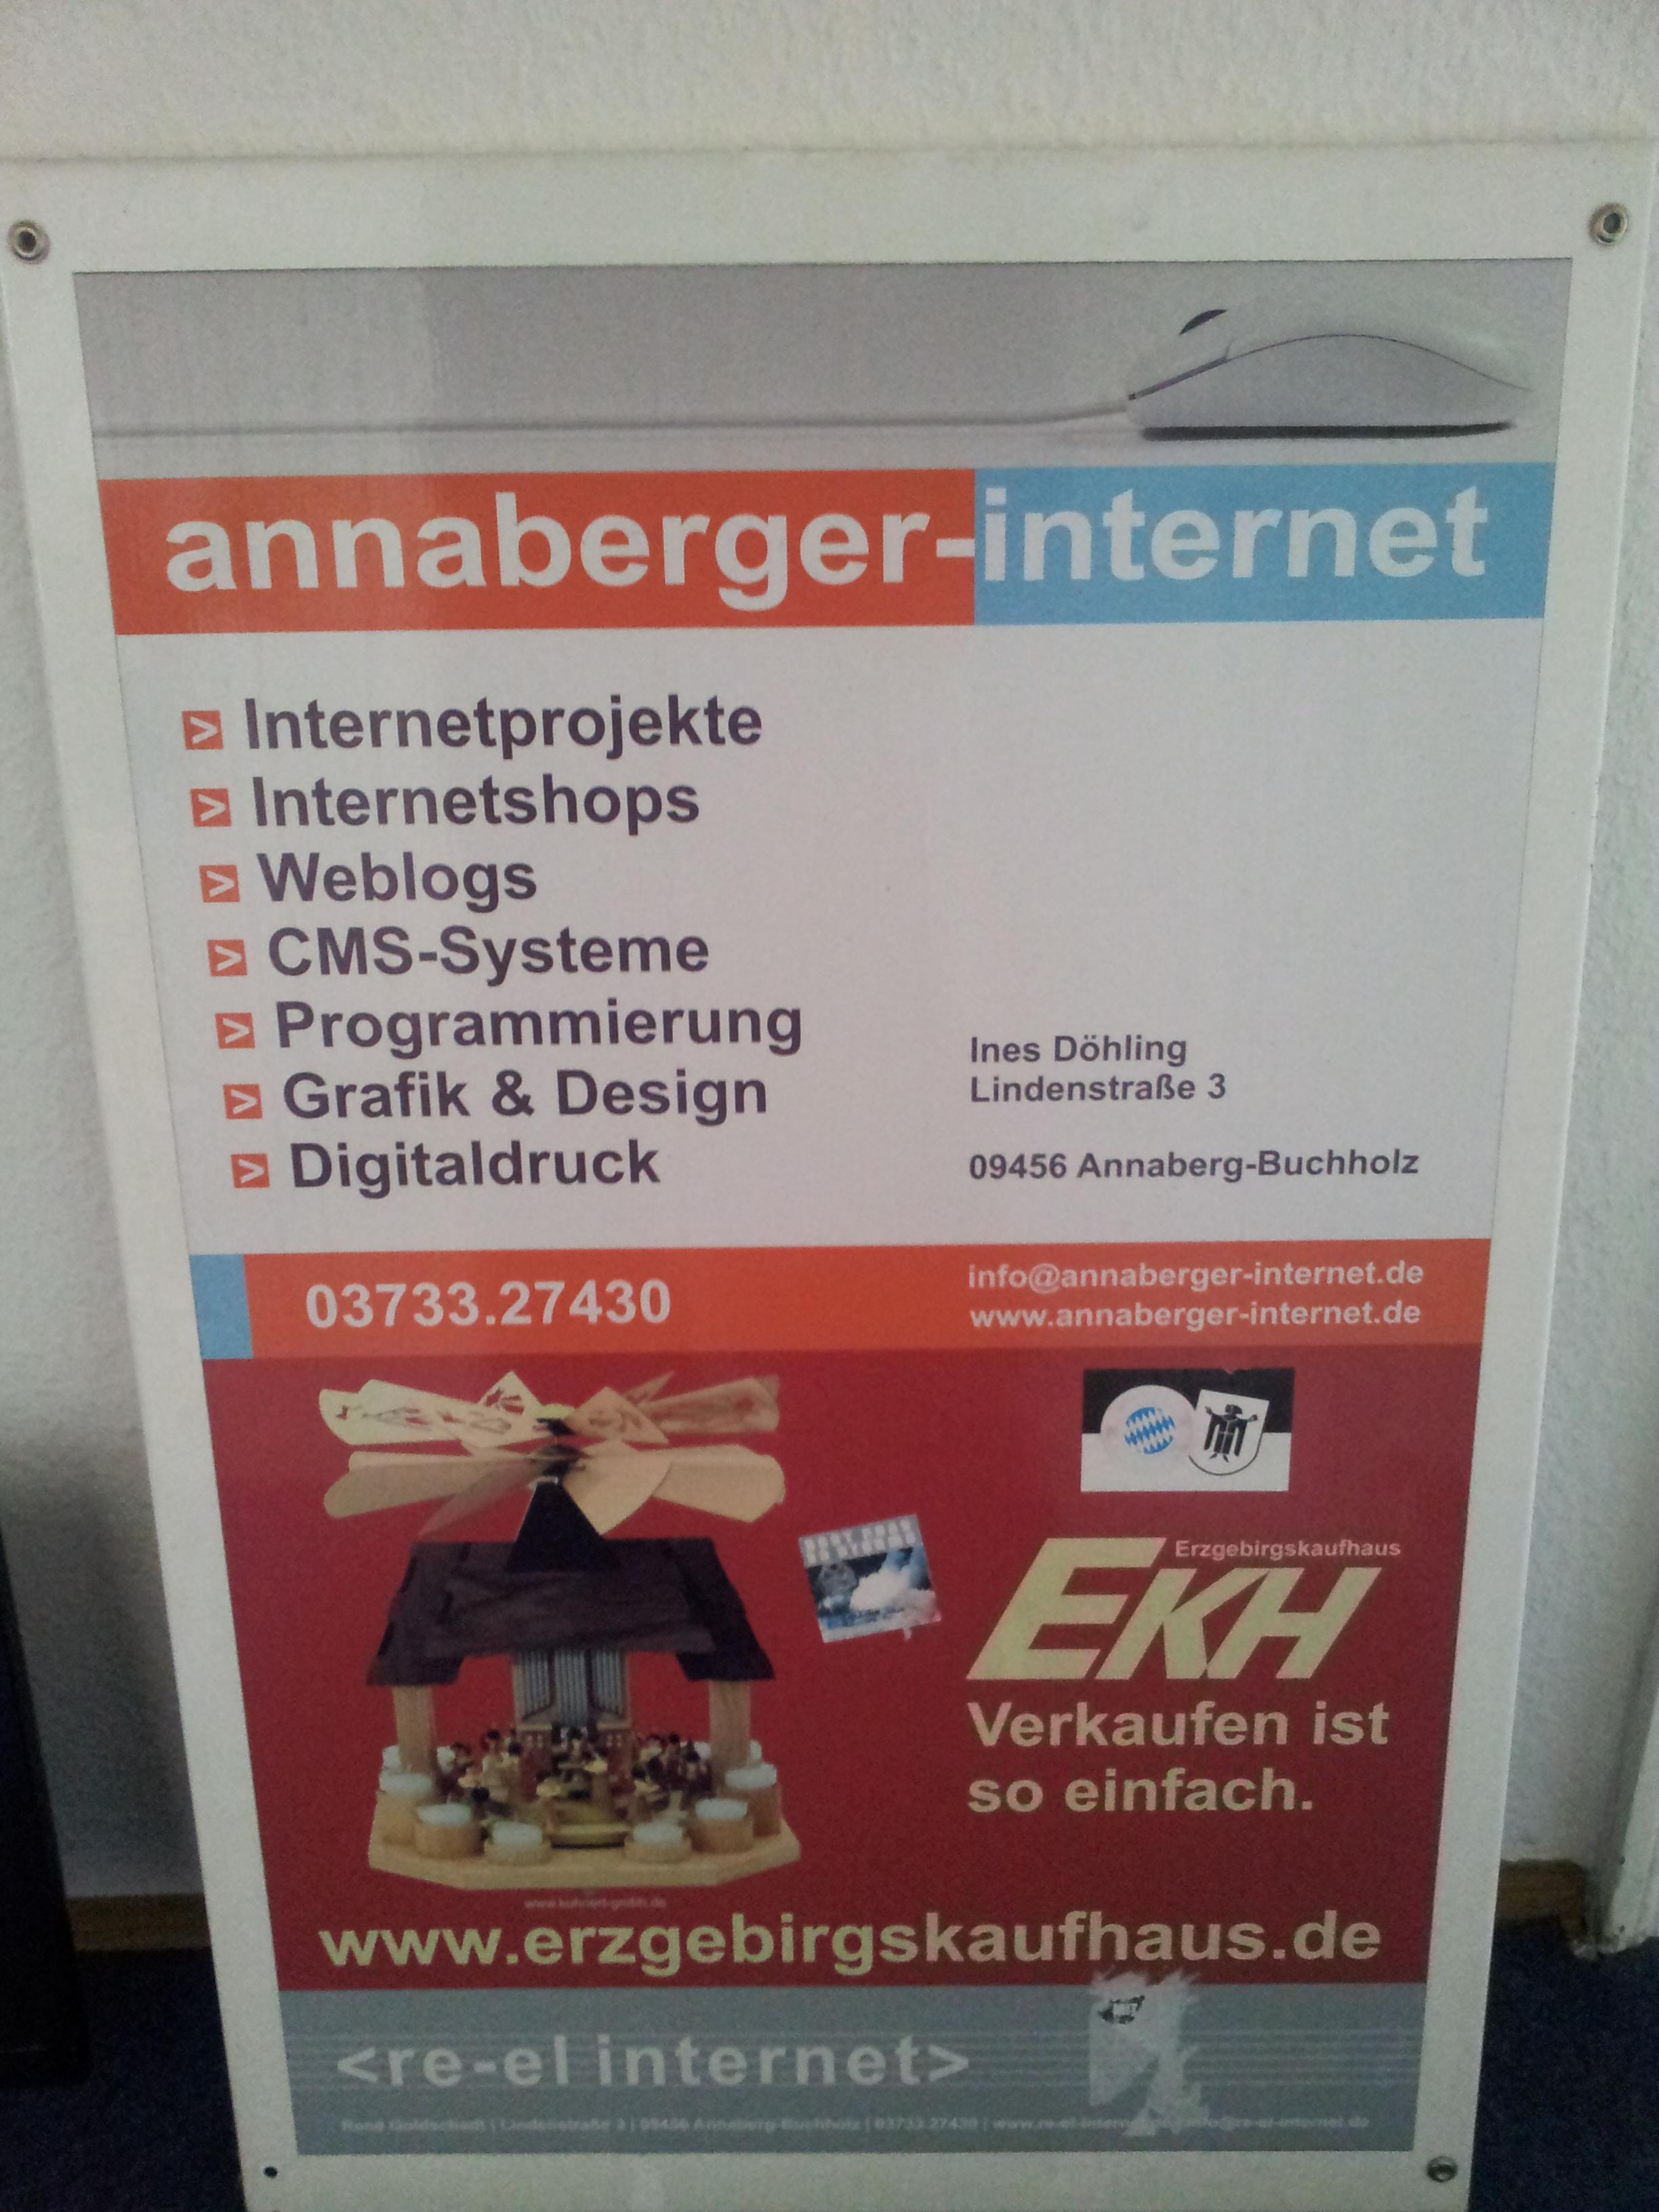 2014-02-05 Das Schild bei annaberger-internet ist ab - es darf gemumaßt werden